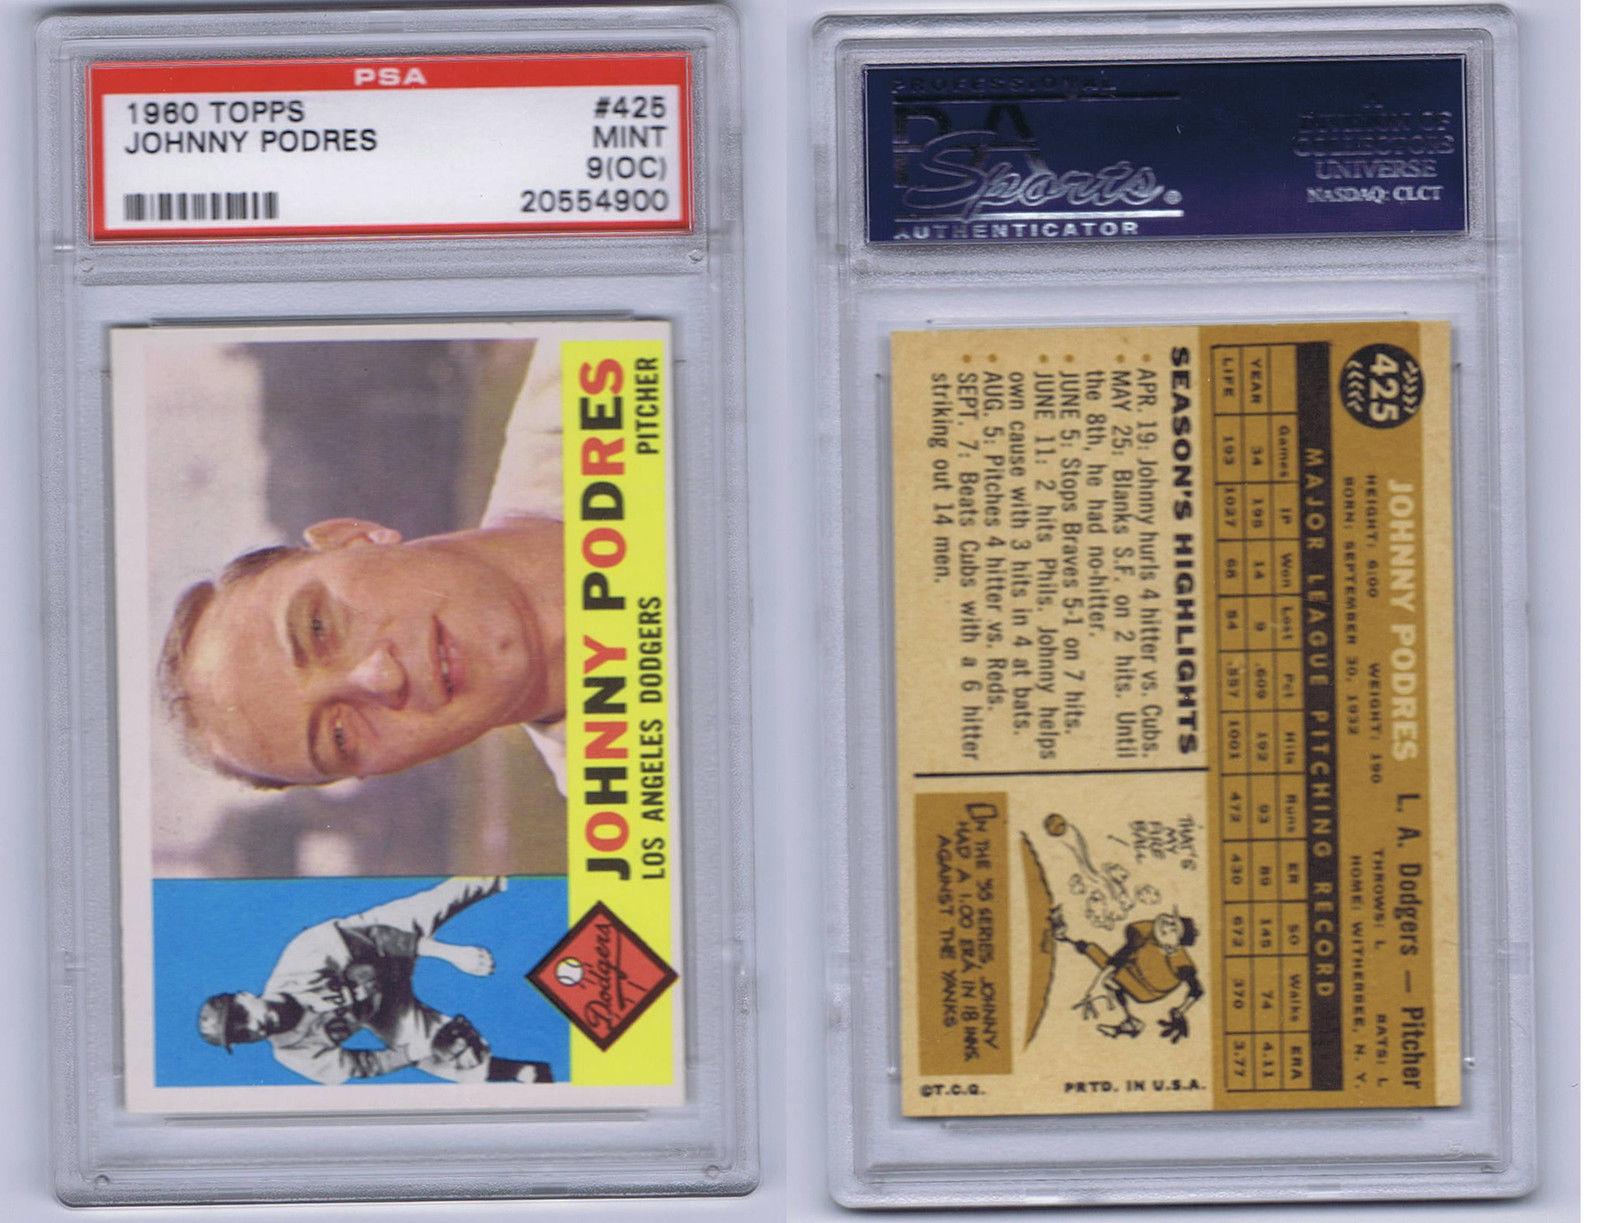 Johnny Podres 1960 Topps baseball #425 Dodgers PSA 9 Mint o/c world series mvp